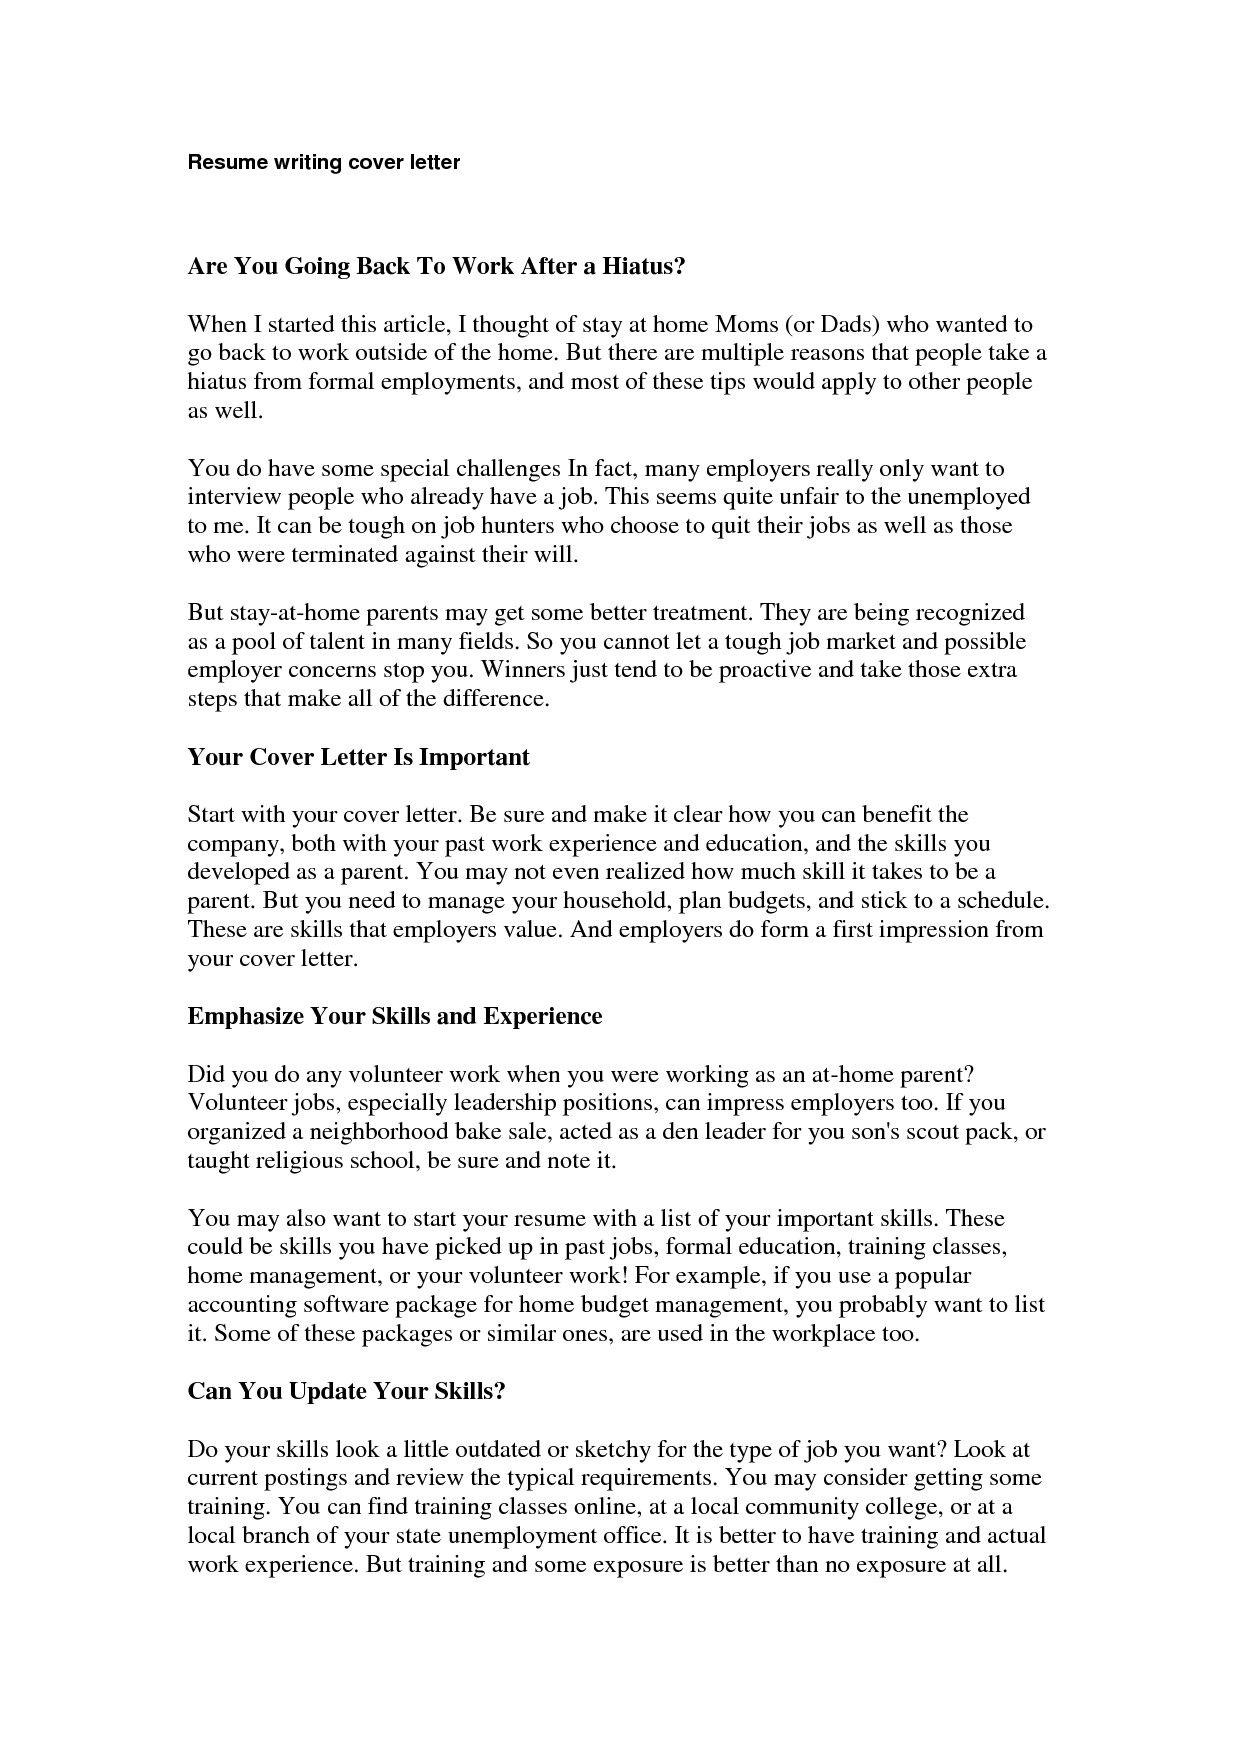 Resume Template Volunteer Work Seven Things You Didn T Know About Resume Template Volunteer Cover Letter For Resume Lettering Cover Letter